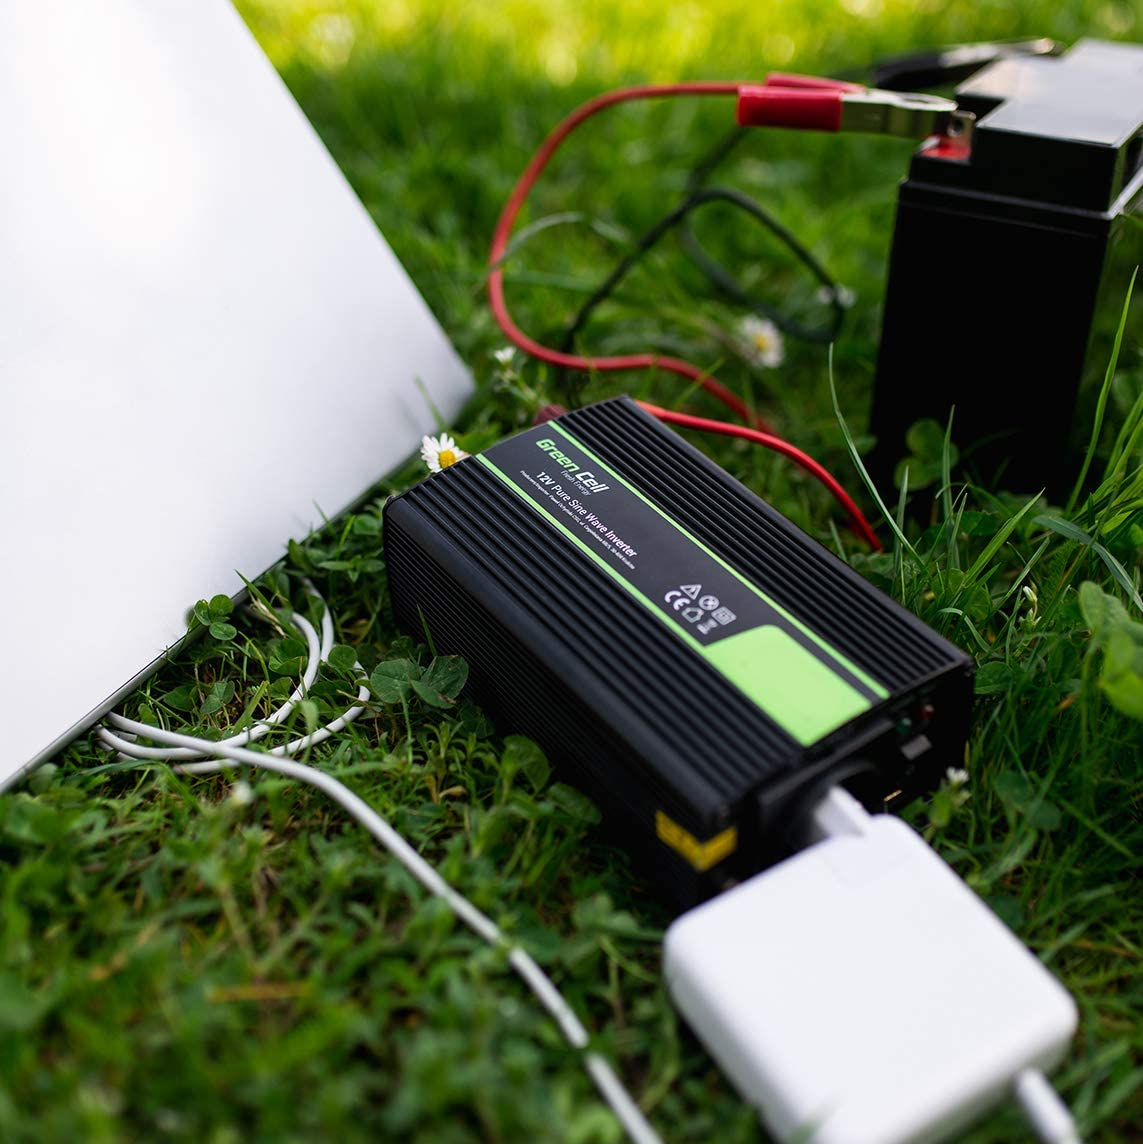 Trasformatore sinusoidale Pura Porta USB per Batteria Auto Green Cell/® 3000W//6000W 24V 220V//230V Onda Pura Inverter Invertitore di Tensione Fotovoltaico DC AC per Camper Auto Convertitore di Potenza